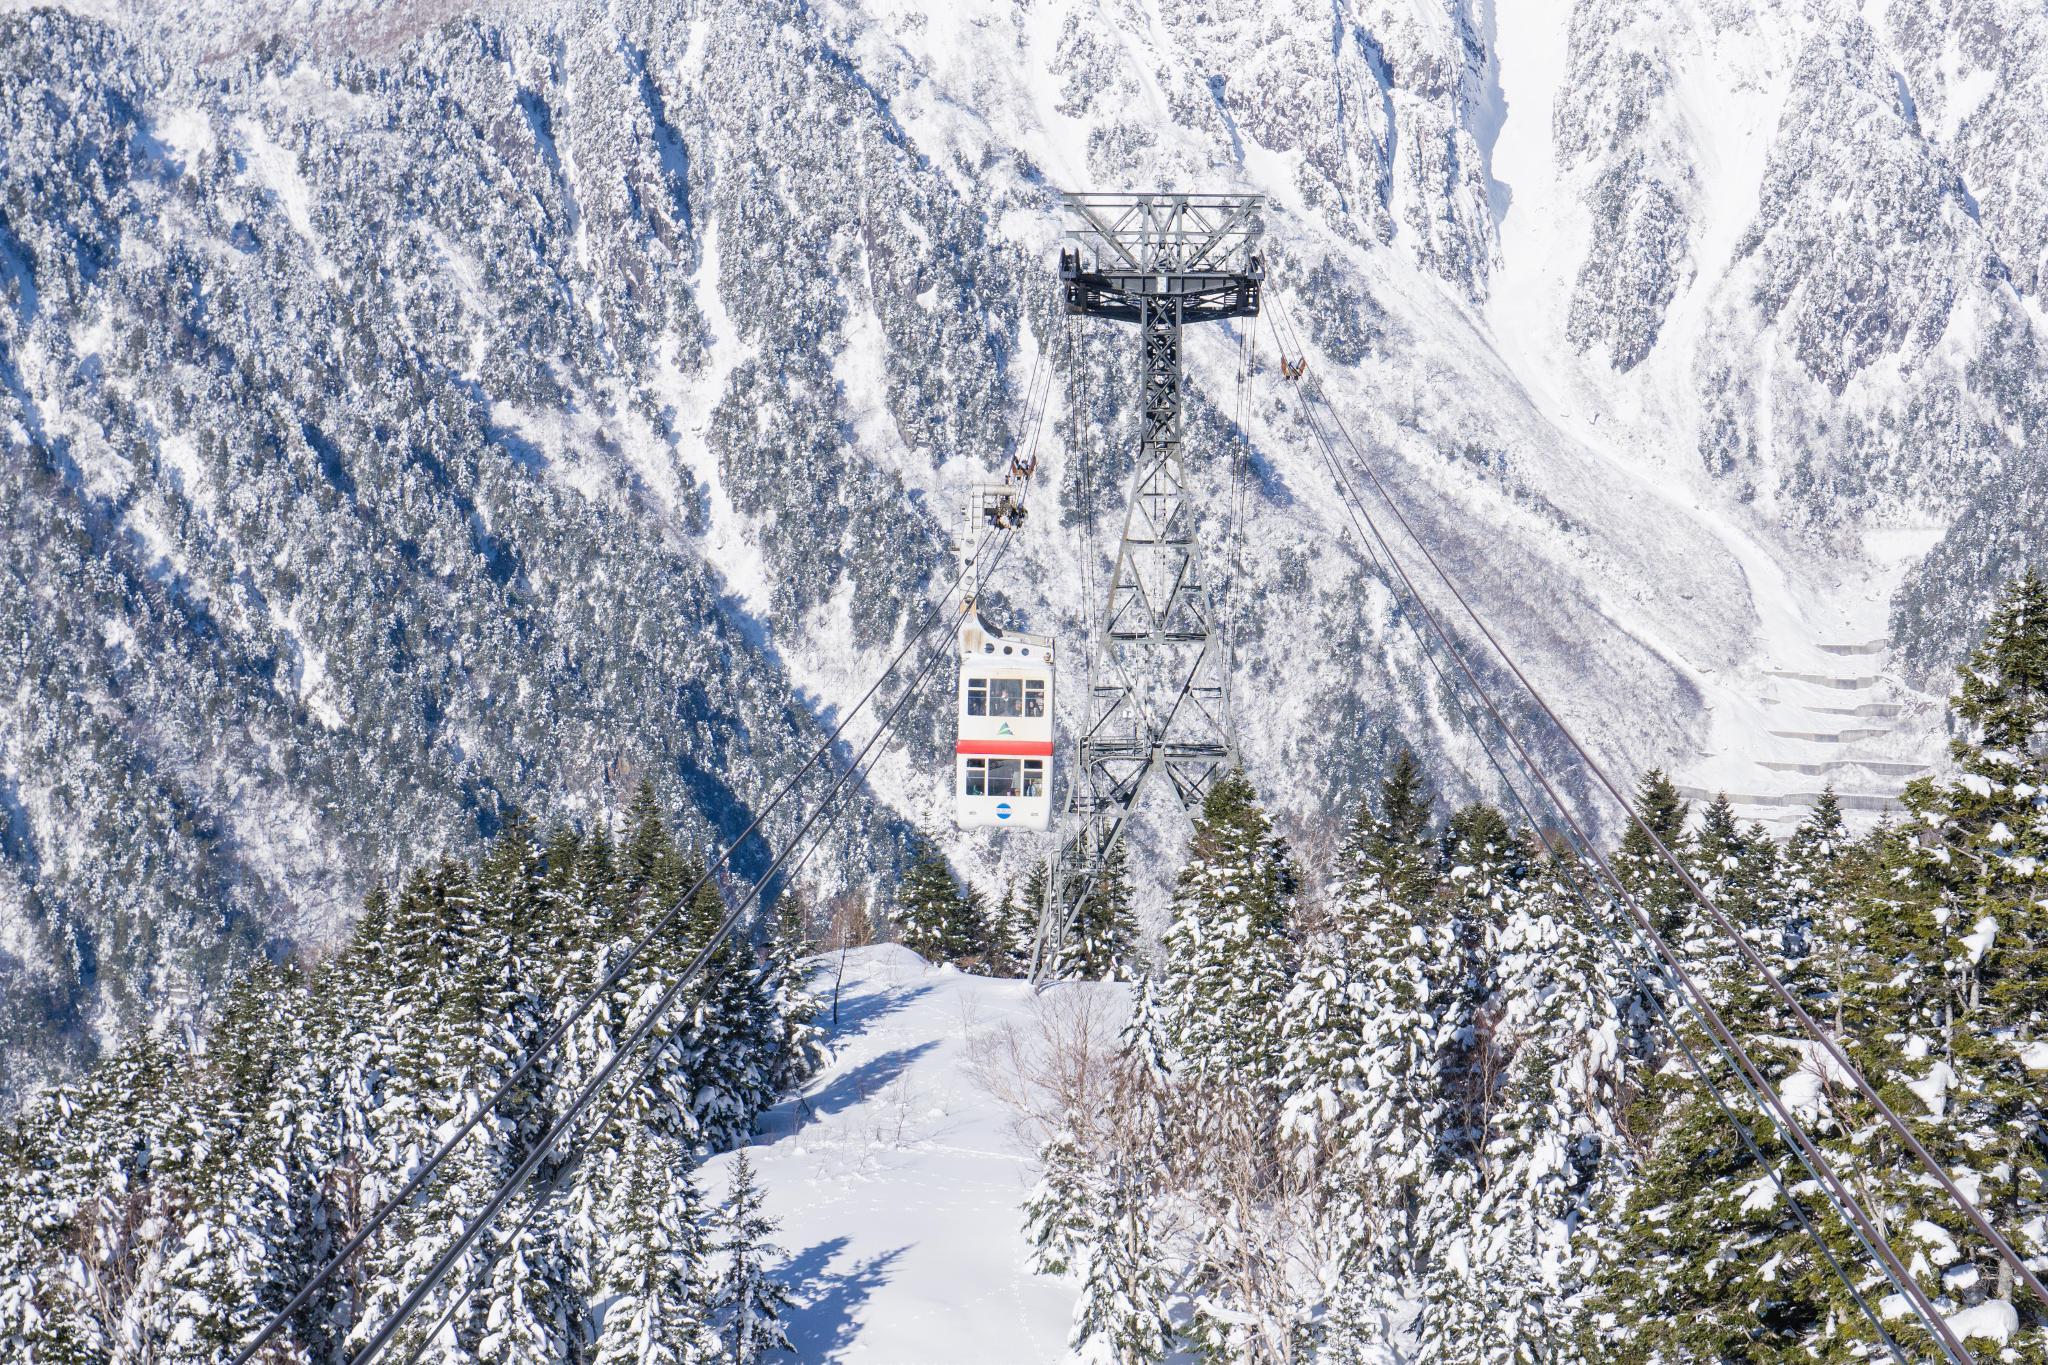 【岐阜】超級推薦!奧飛驒溫泉鄉的冬季戀歌 ~ 新穗高纜車雪景攻略 87